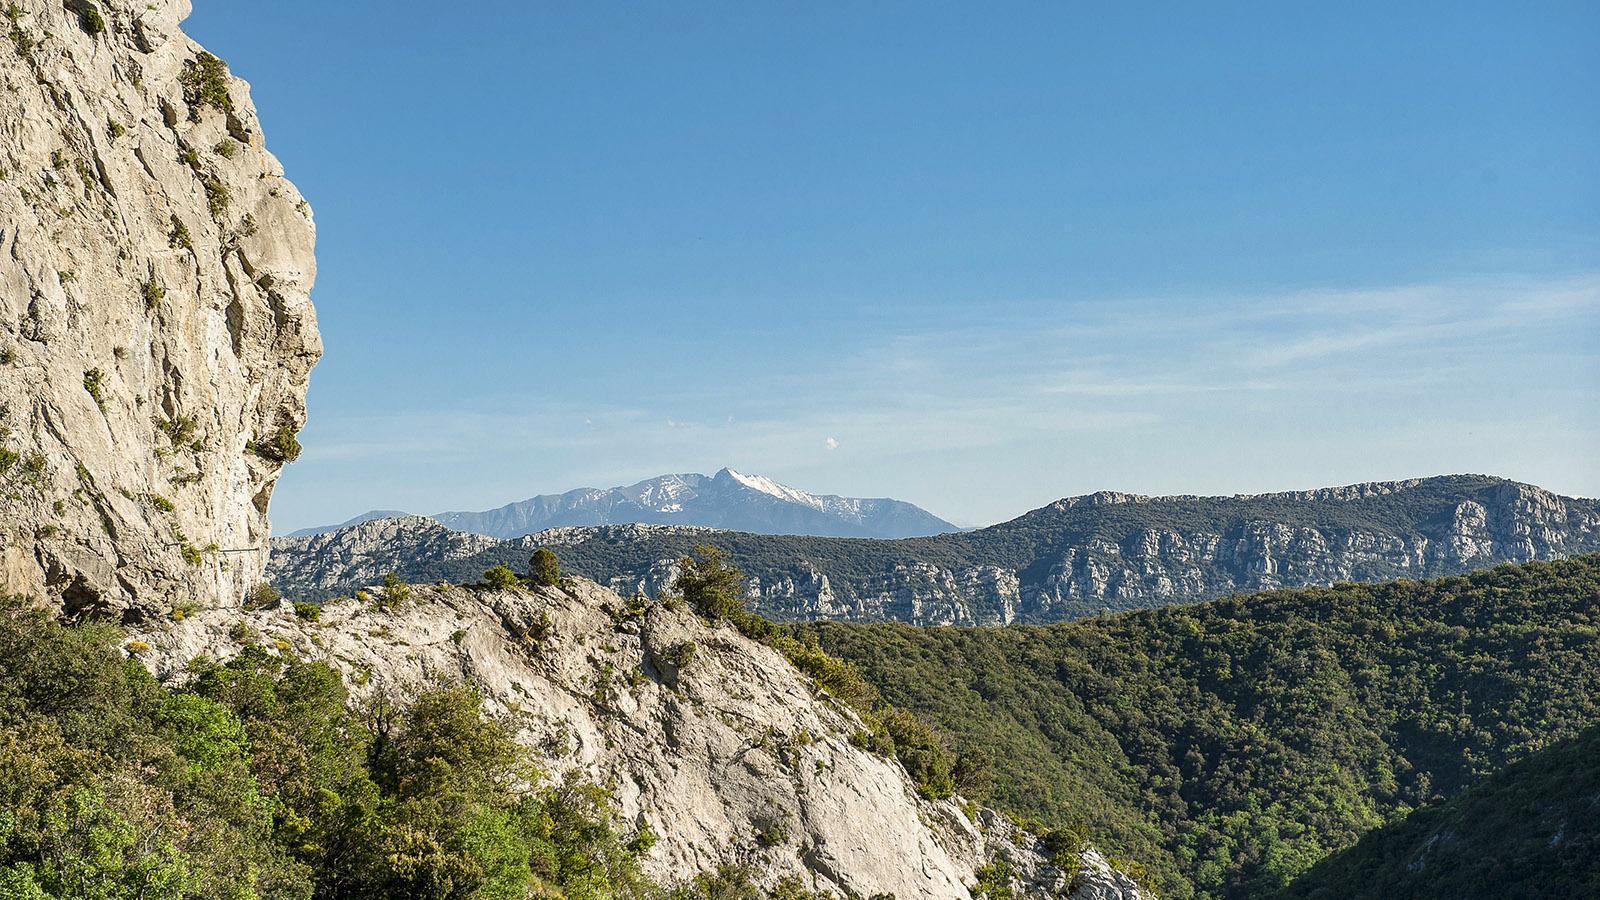 Gorges de Galamus: Blick vom Eingang der Schlucht gen Süden auf den Canigou. Foto: Hilke Maunder